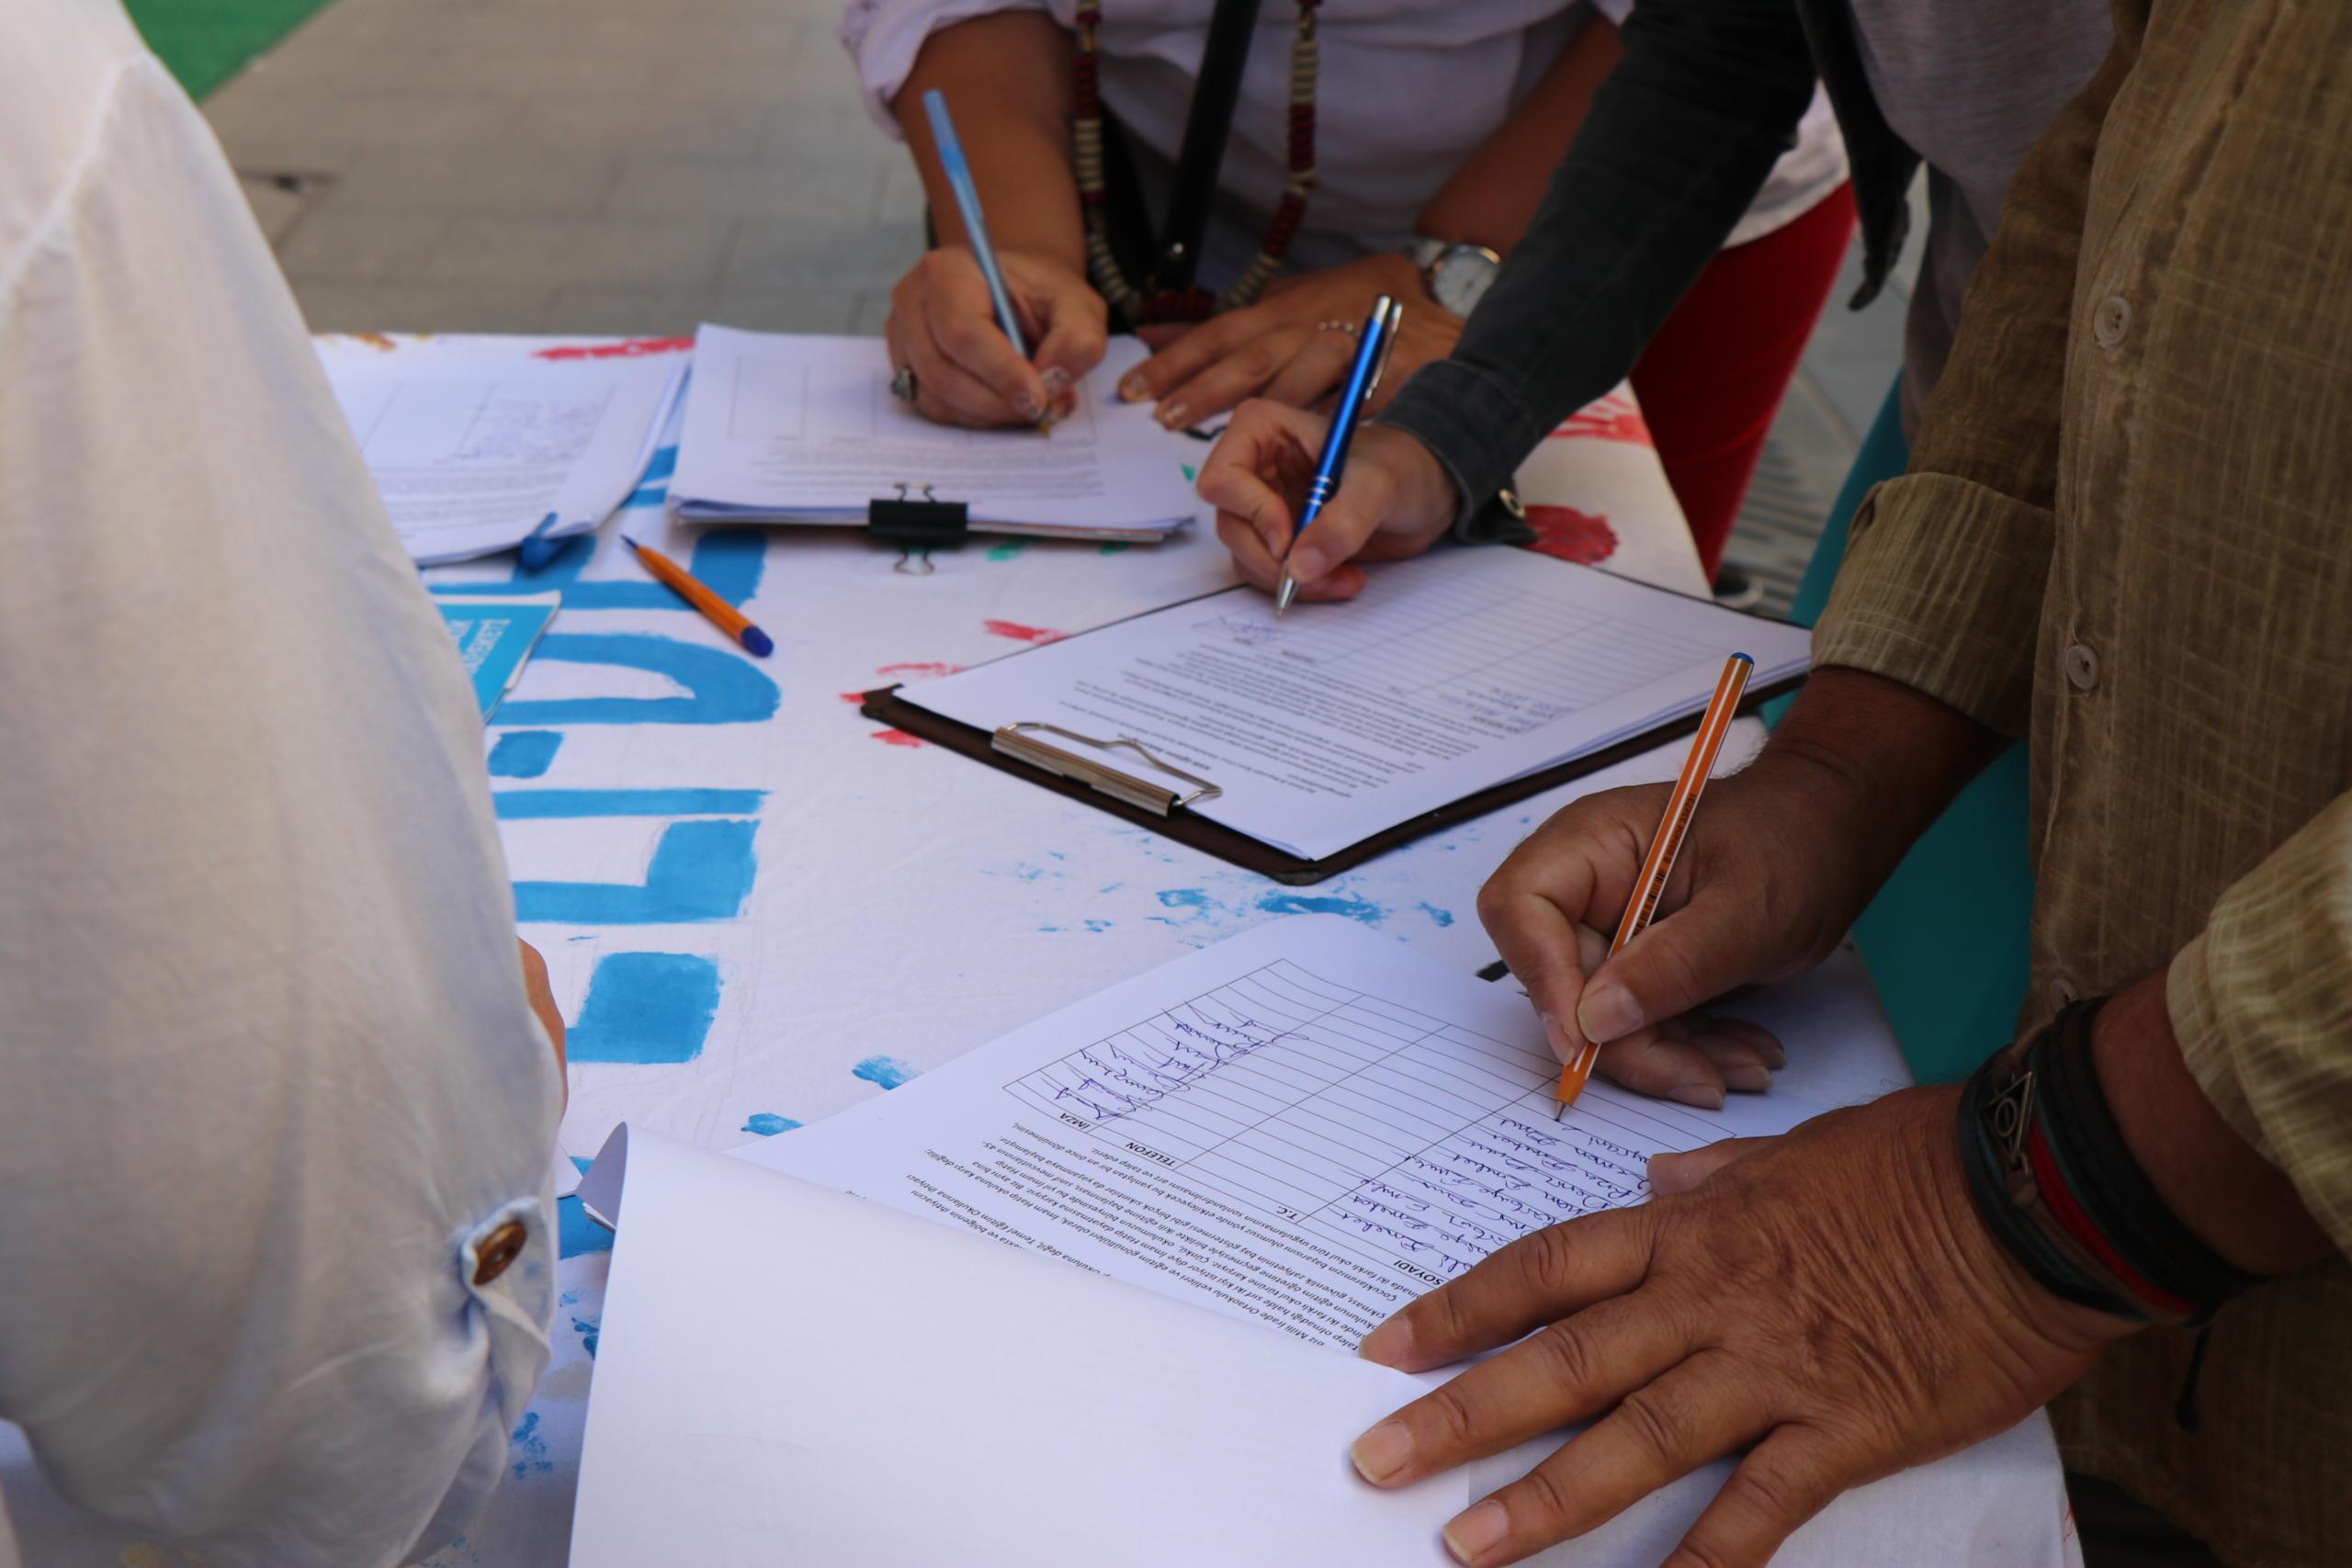 KKTC'de kalan Türkiyeli öğrenciler ülkesine dönmek için imza kampanyası başlattı